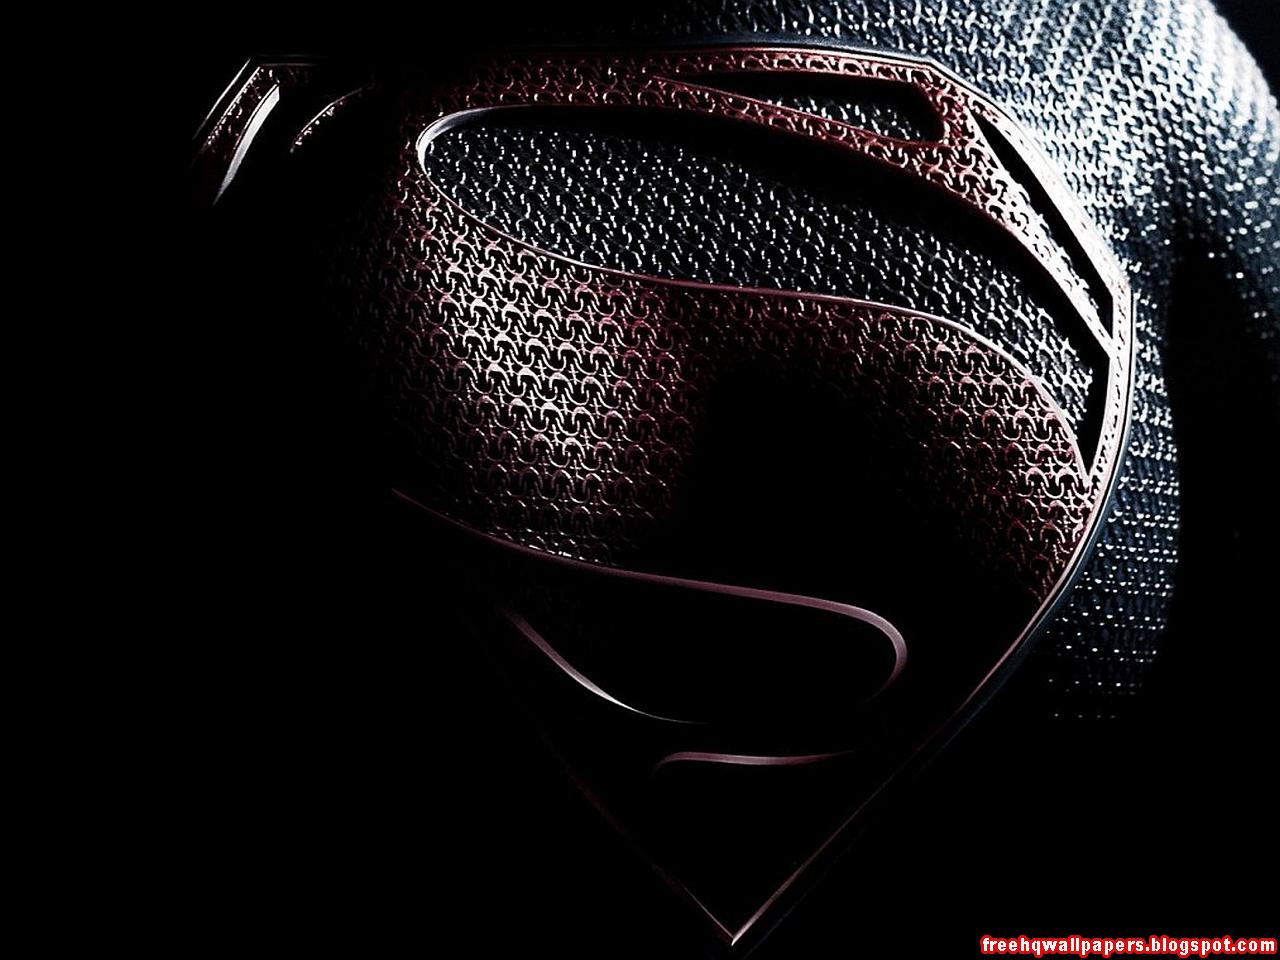 Superman Man Of Steel 2013 HQ HQ Wallpapers 1280x960